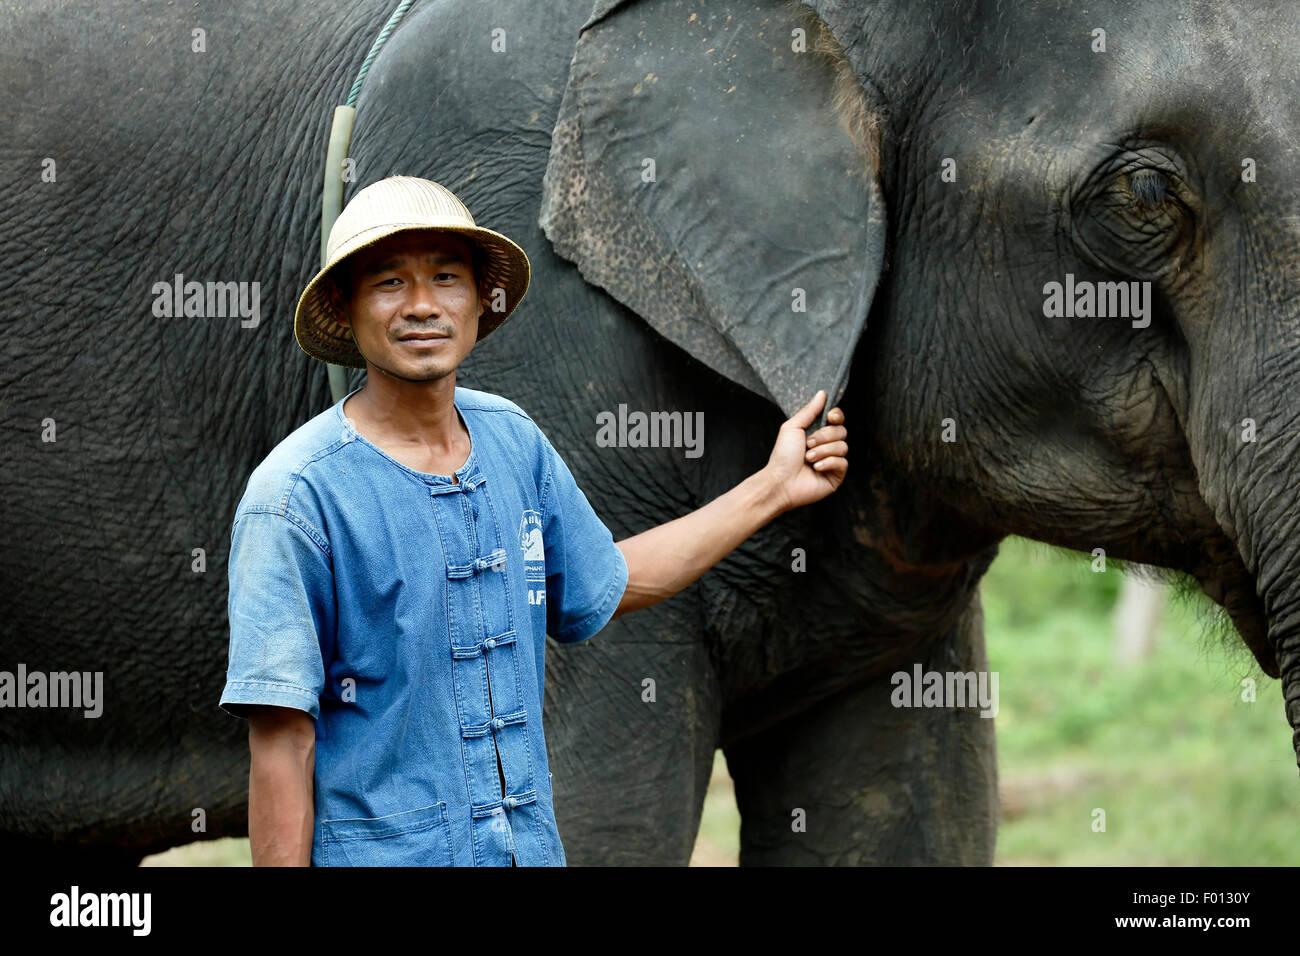 Mahout et de l'éléphant d'Asie (Elephas maximus), thai elephant elephant home farm, keudchang Photo Stock